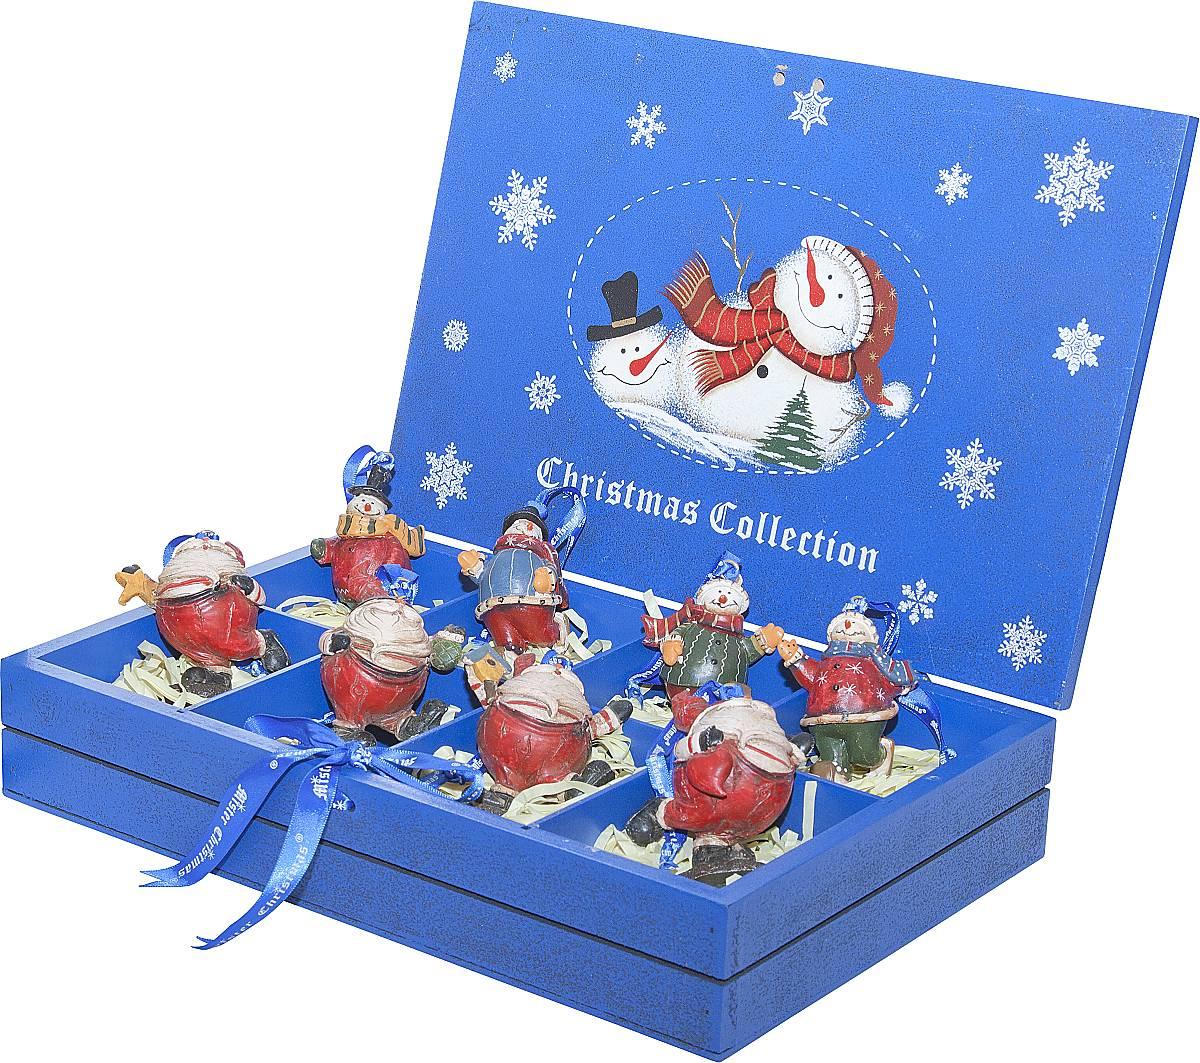 Набор новогодних подвесных украшений Mister Christmas, длина 8,5 см, 8 штNLED-454-9W-BKНабор подвесных украшений Mister Christmas поможет стильно украсить новогоднюю елку. Изделия, выполненные из полистоуна в виде любимых нами Деда Мороза и снеговика, не оставят равнодушным никого, кто придет в ваш дом. Такие украшения не боятся падения, света или влаги и несмотря на размер достаточно легкие. Игрушки оснащены петелькой для подвешивания. Набор упакован в коробку из натуральной древесины, выкрашенную в насыщенный голубой цвет и украшенную рисунком. Такие украшения станут превосходным подарком к Новому году, а так же дополнят коллекцию оригинальных новогодних елочных игрушек.